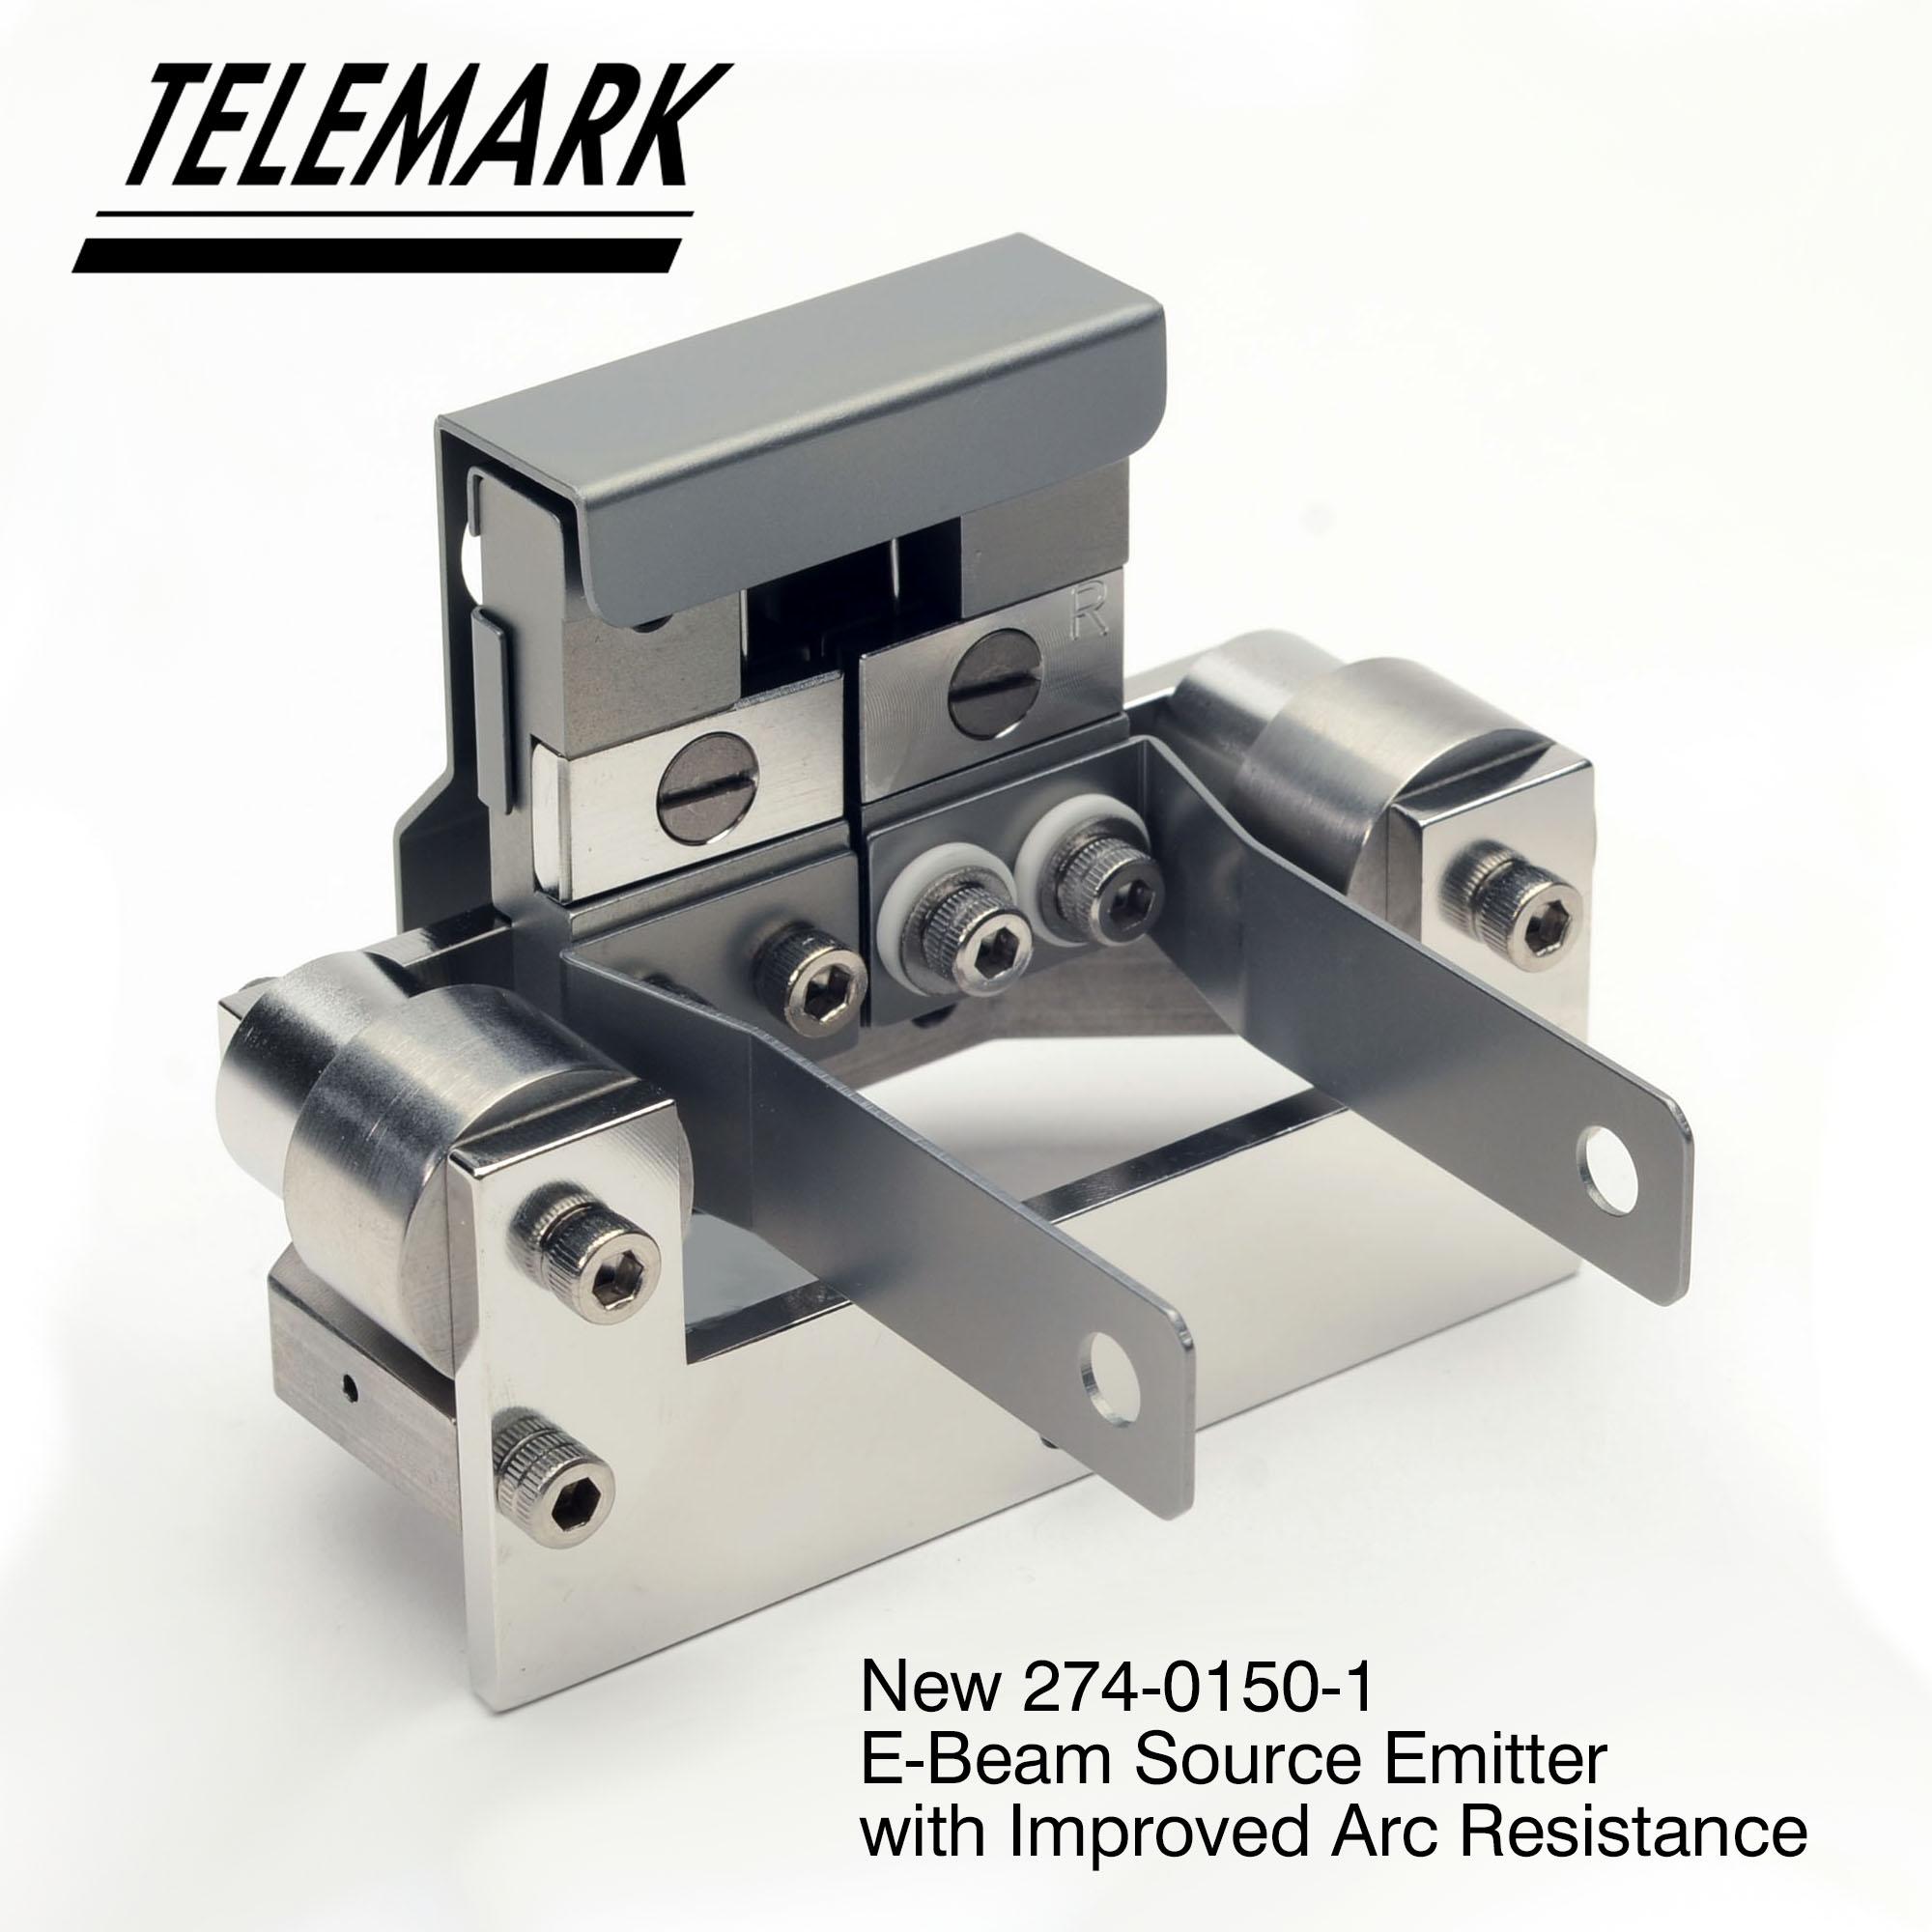 Spare Parts for E-Beam Evaporators